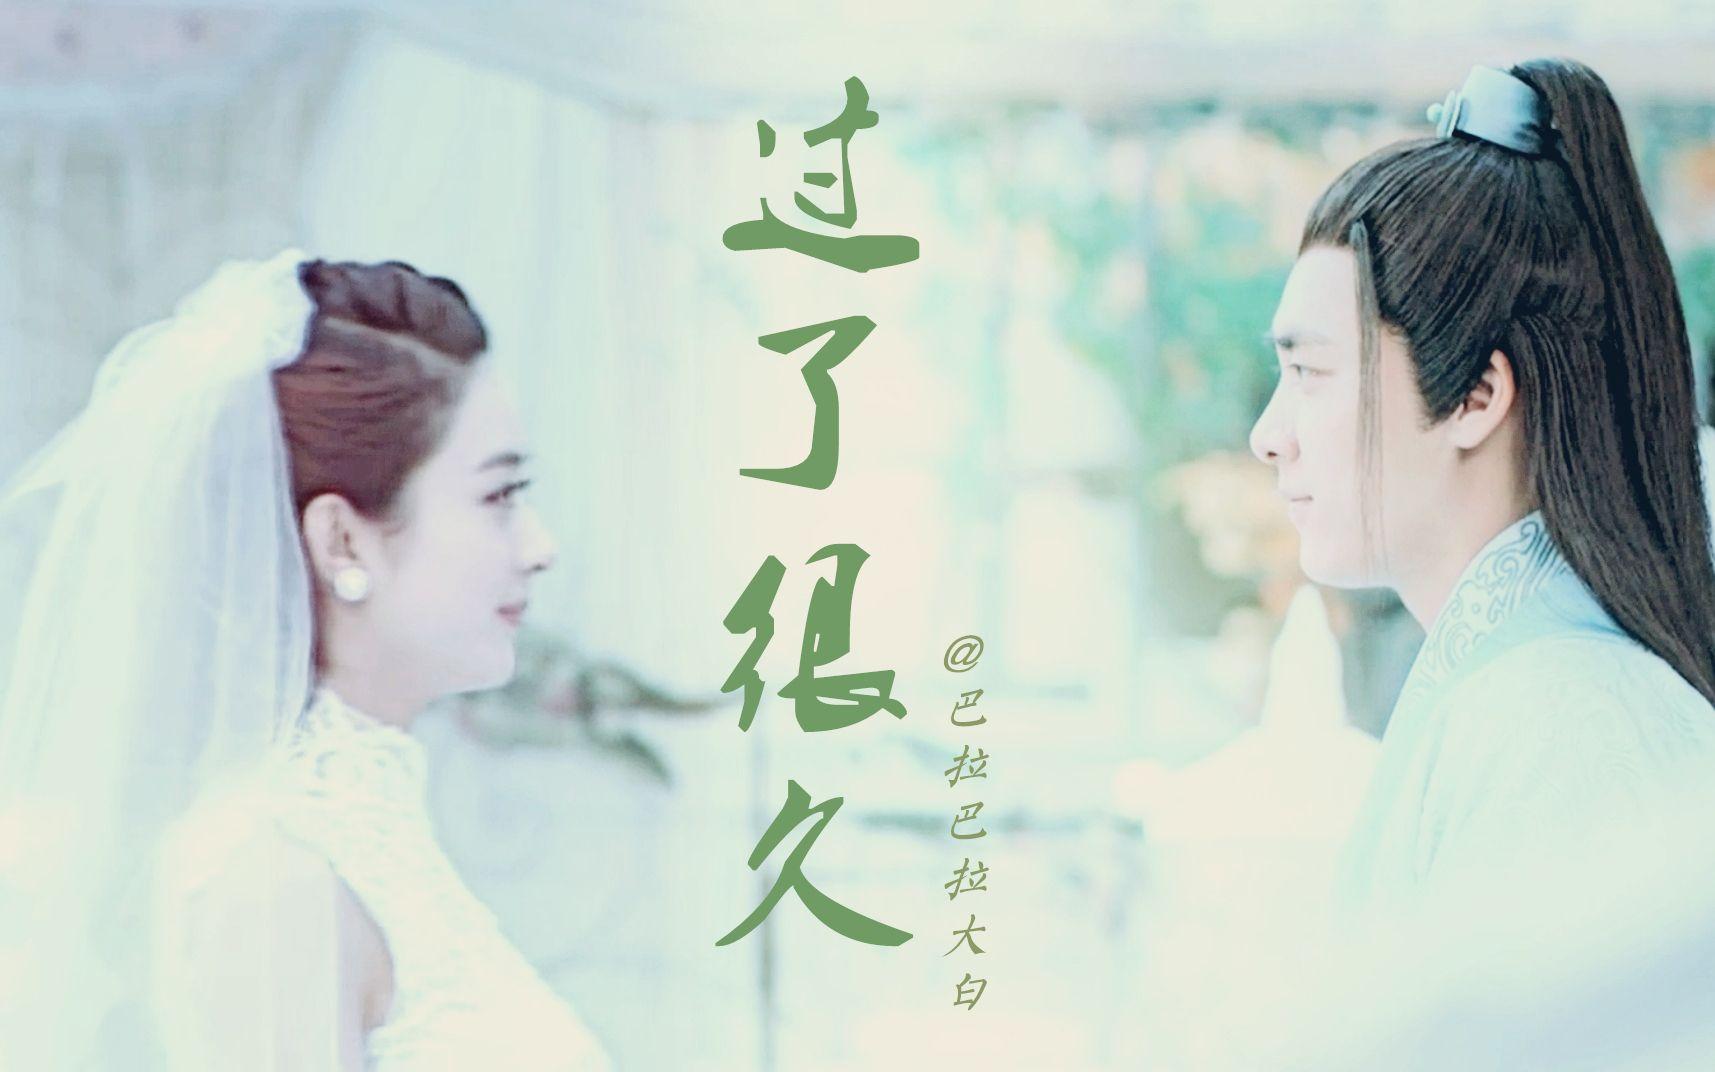 【李易峰】【赵丽颖】【诛仙青云志】过了很久——韩剧的方式打开青云图片